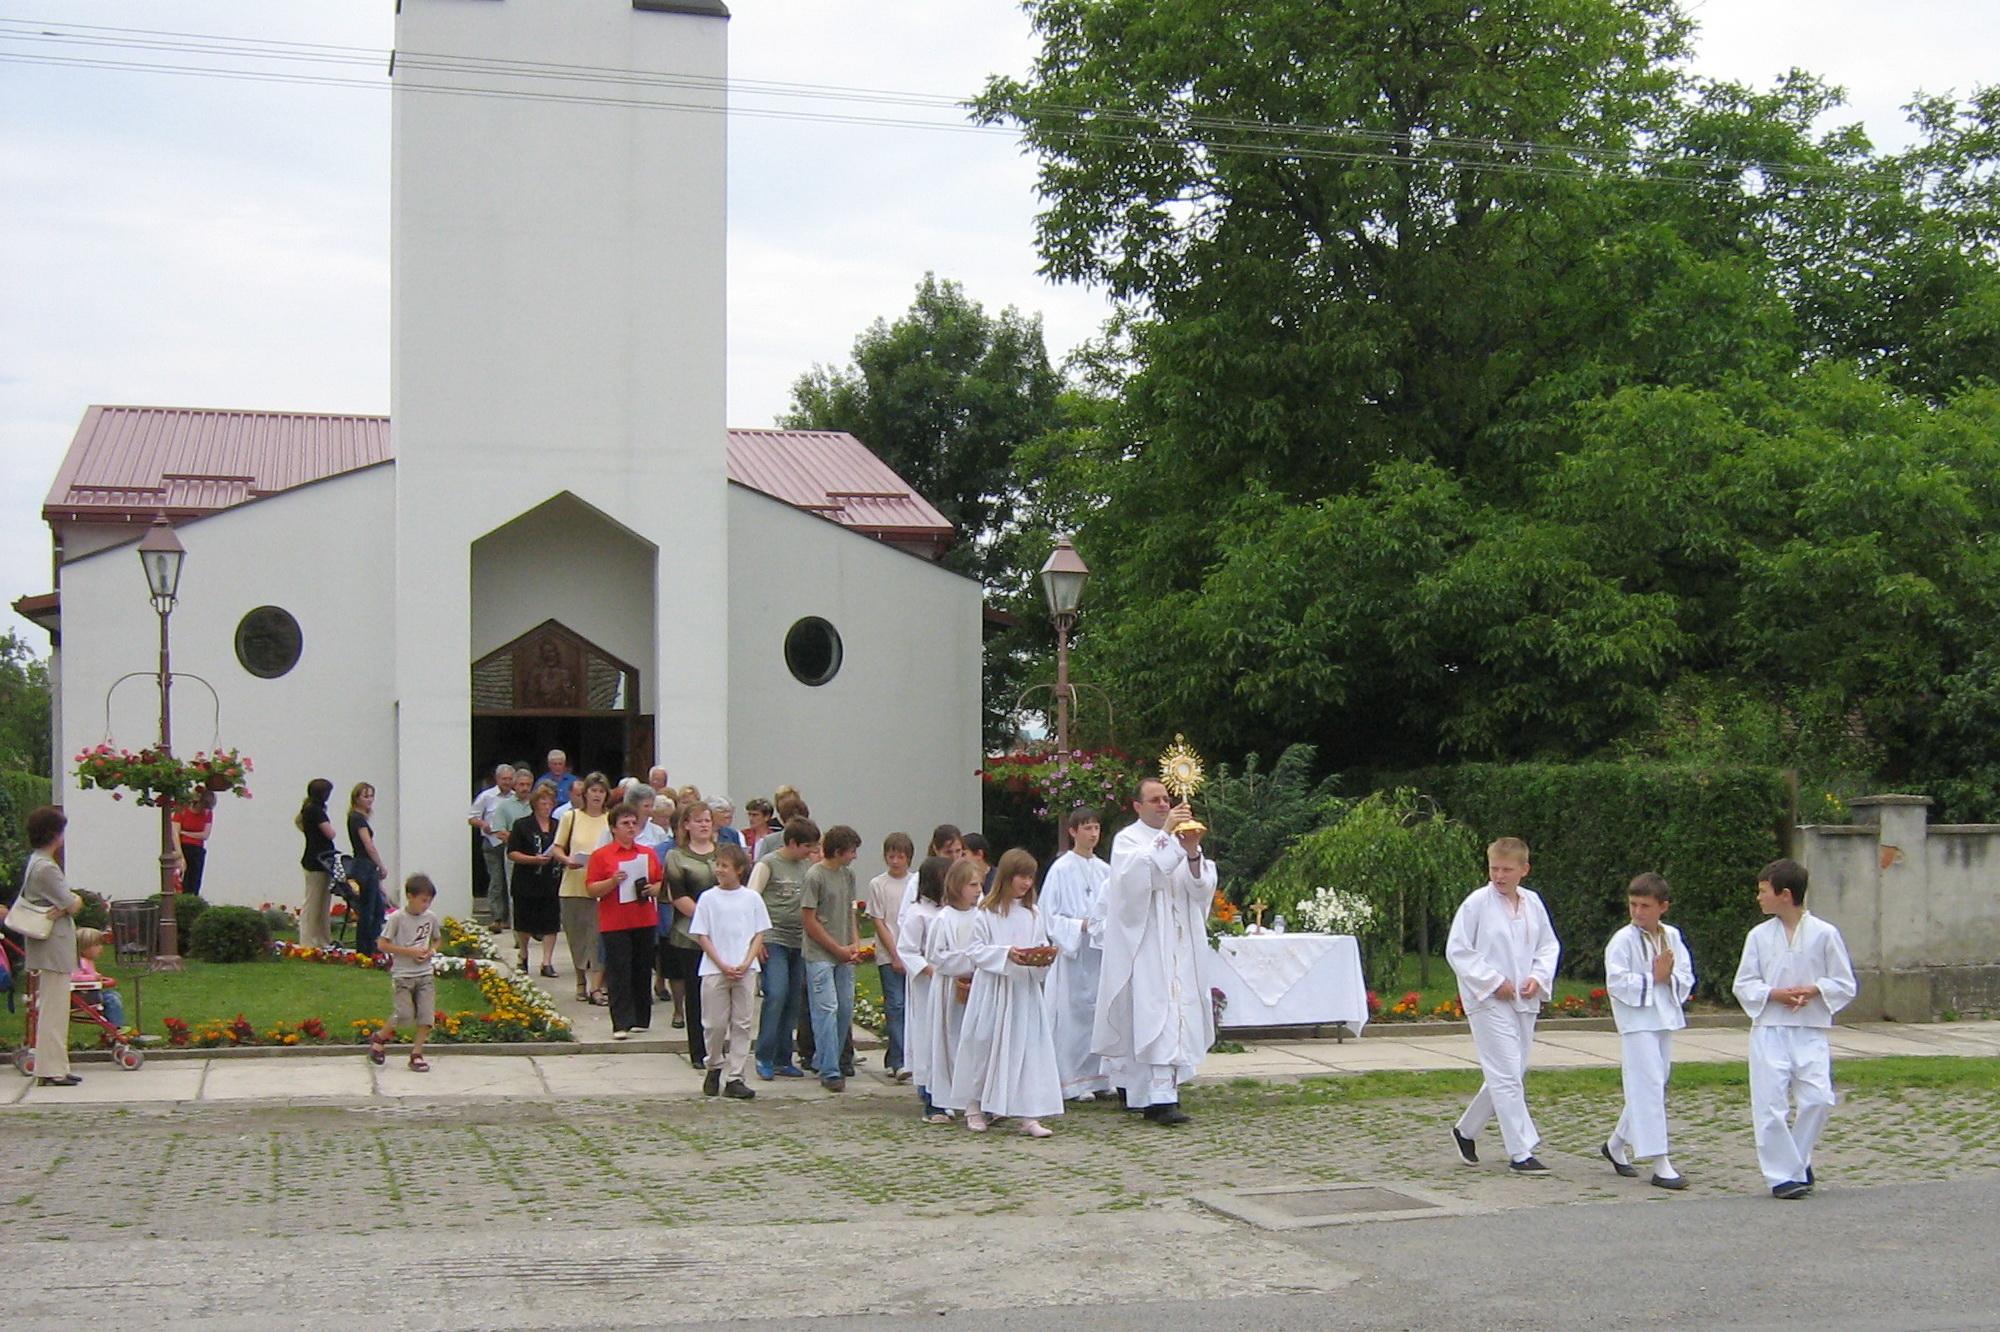 Ministranti u Markovcu Našičkom i župnik Branko - Tijelovo 2007 (slika 1) - 7.6.2007.